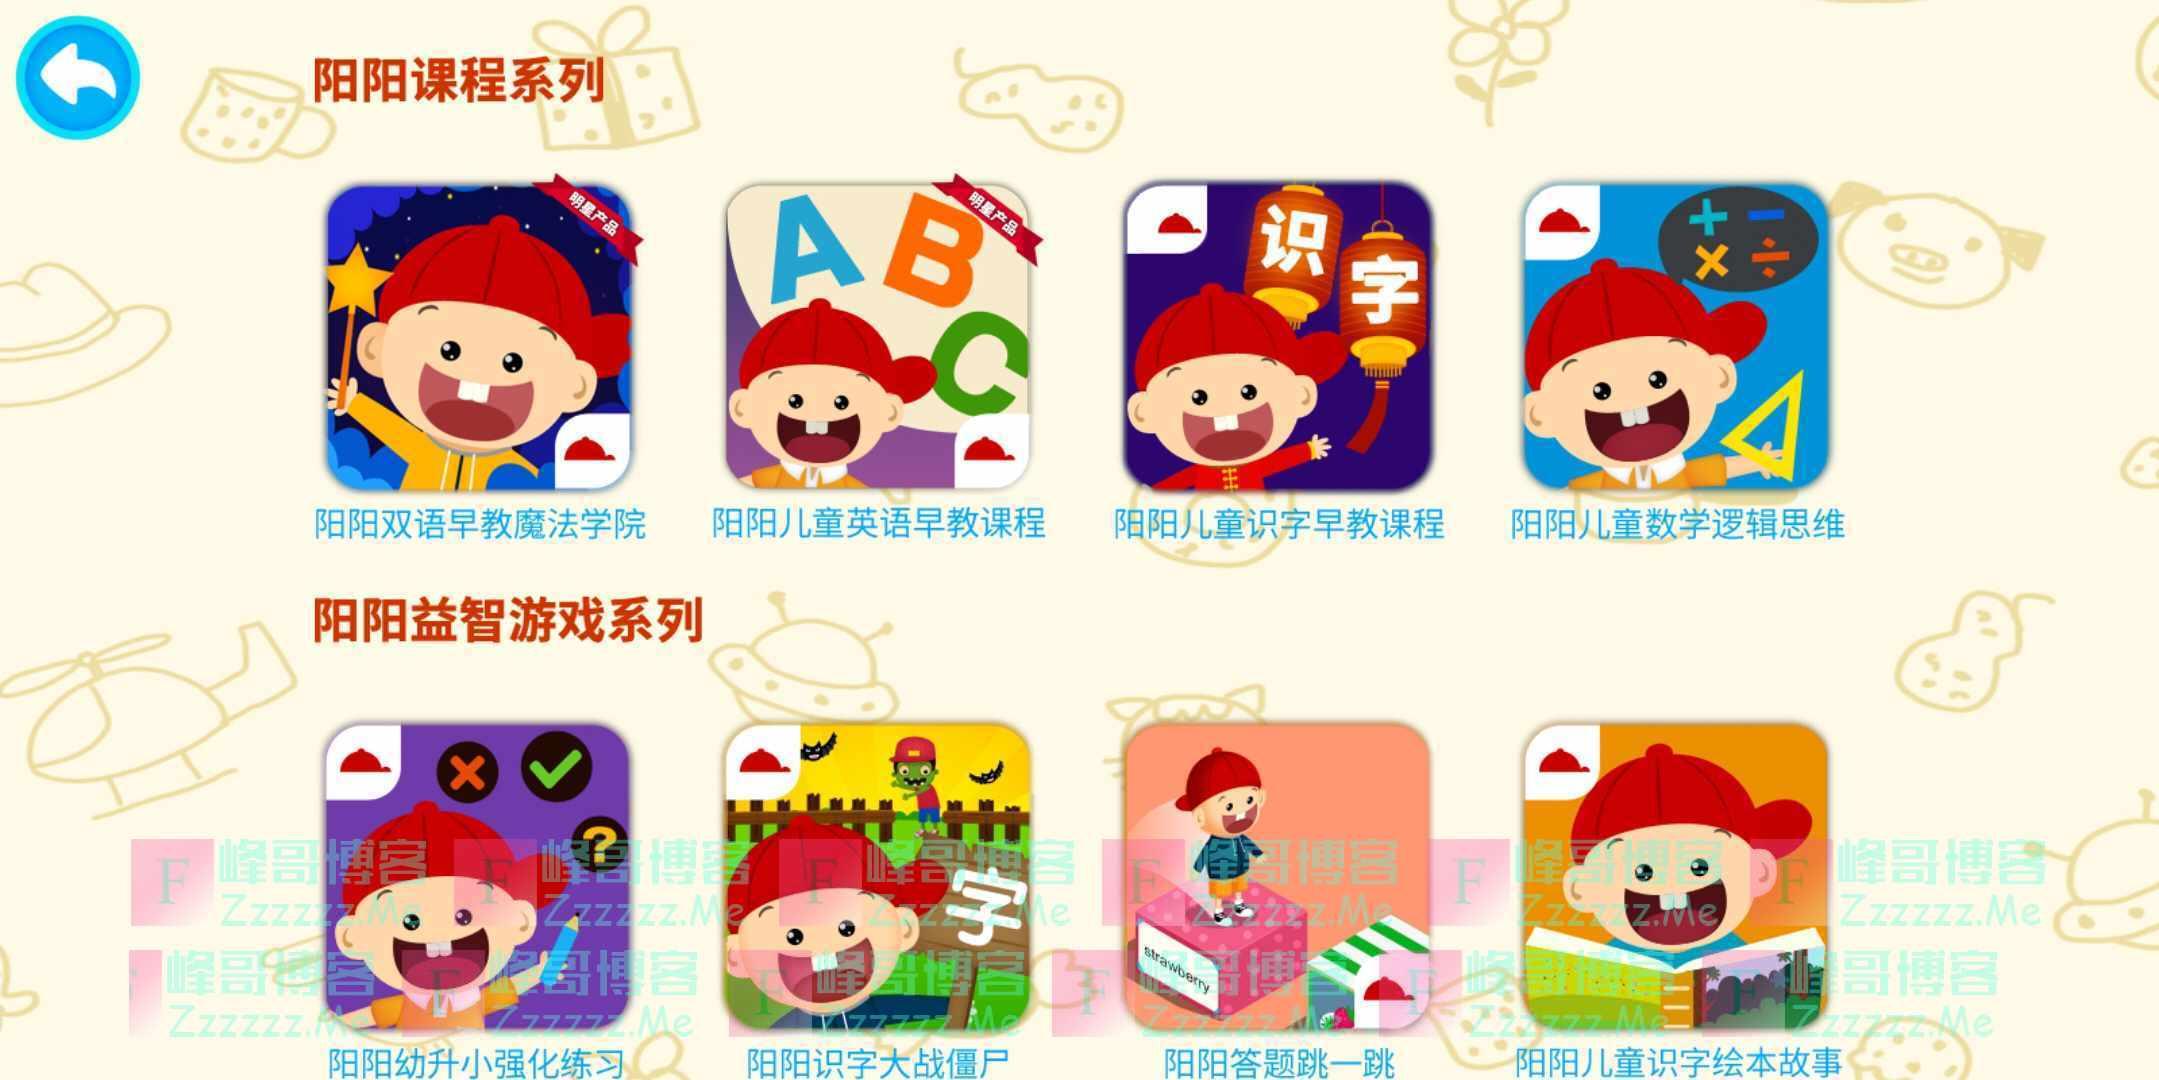 阳阳AI儿童英语启蒙课程V3.5.0.49 内购课程破解版下载